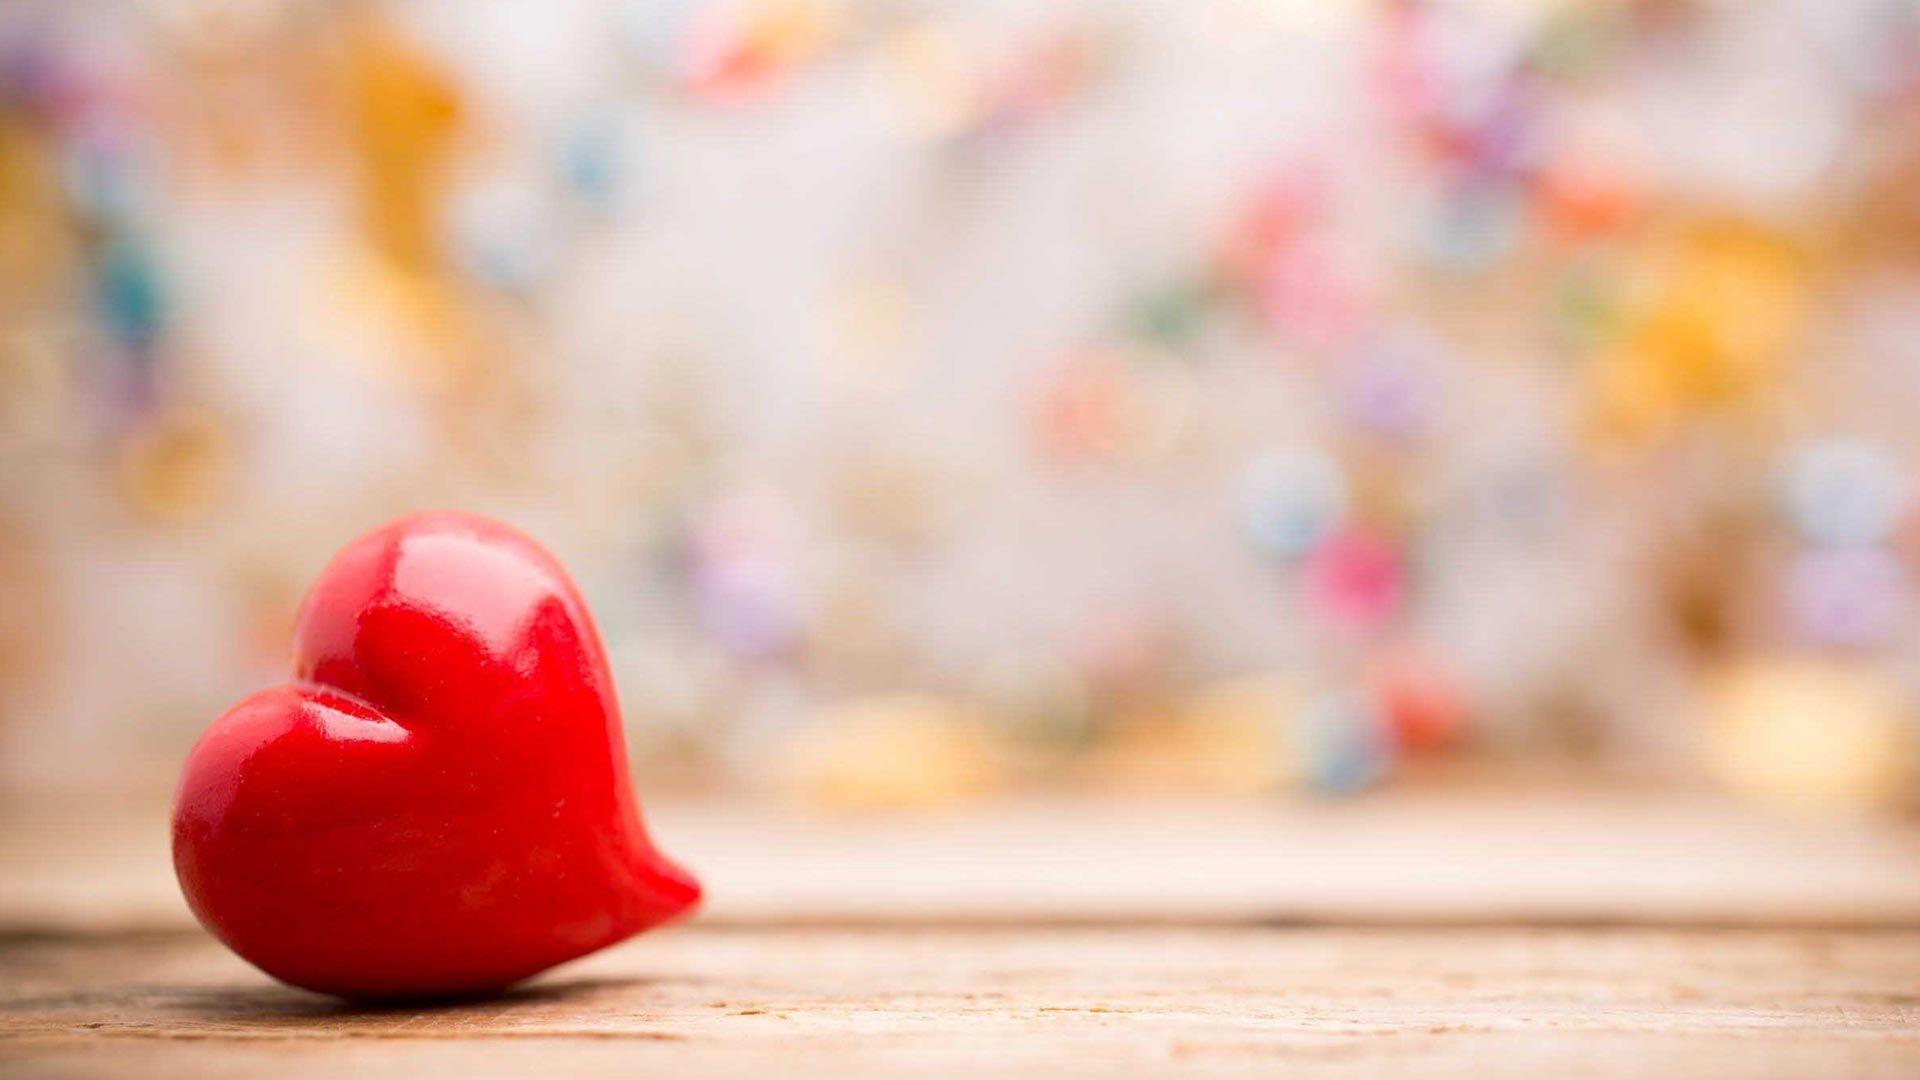 Heart Touching Whatsapp Dp Pics Hd Download Heart Images Hd Heart Images Heart Wallpaper Hd Full hd wallpaper hd heart touching